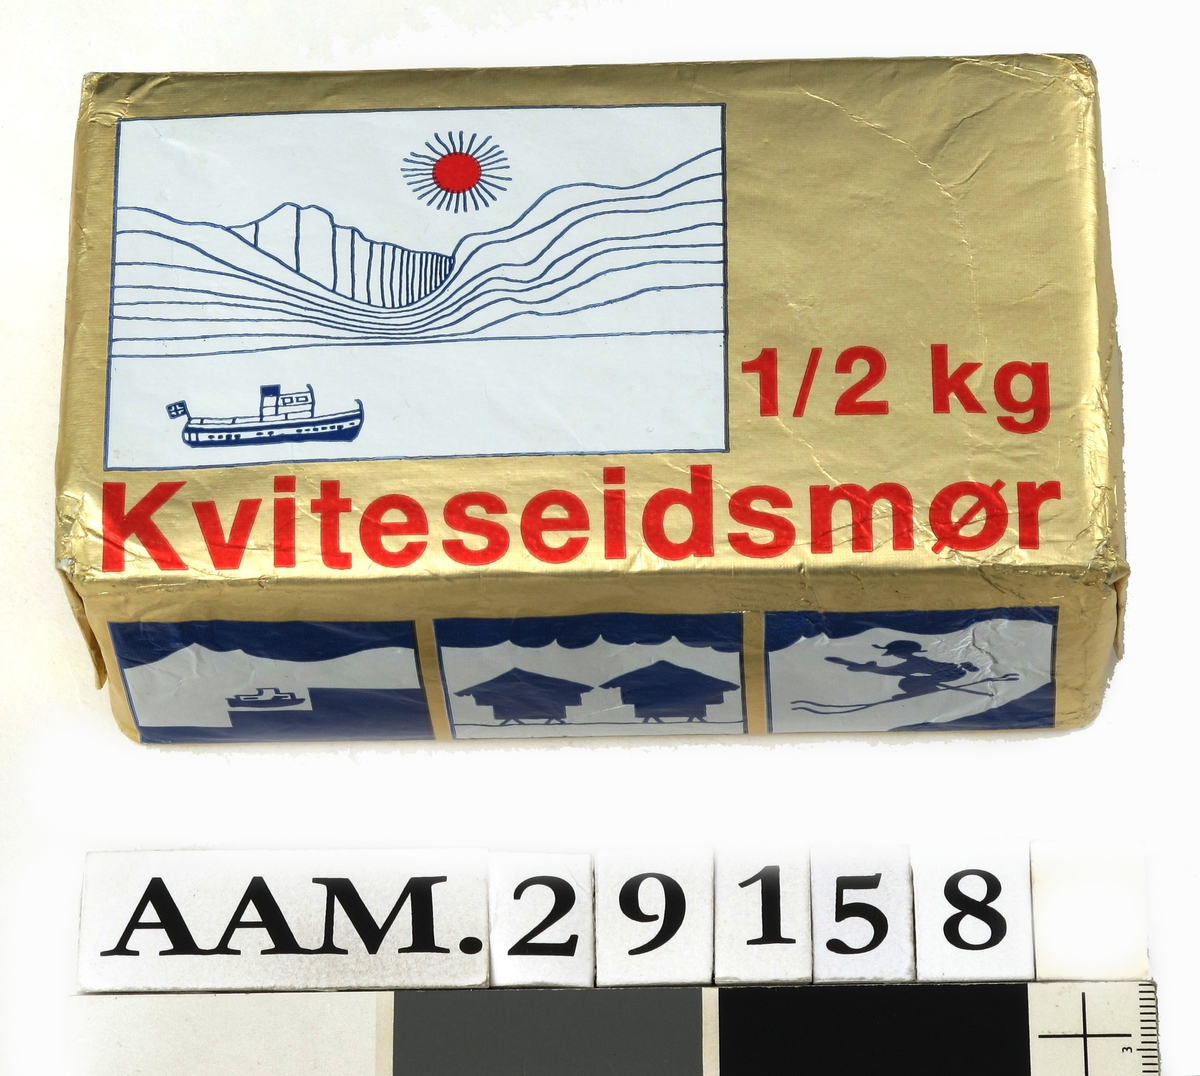 Tegning av Sundkilen i Kviteseid, en del av Telemarkkanalen, med karakteristiske fjell i bakgrunnen og en strålende sol. På sjøen passasjerbåten Victoria. Motivet viser utsikten fra meieriet i Kviteseidbyen.